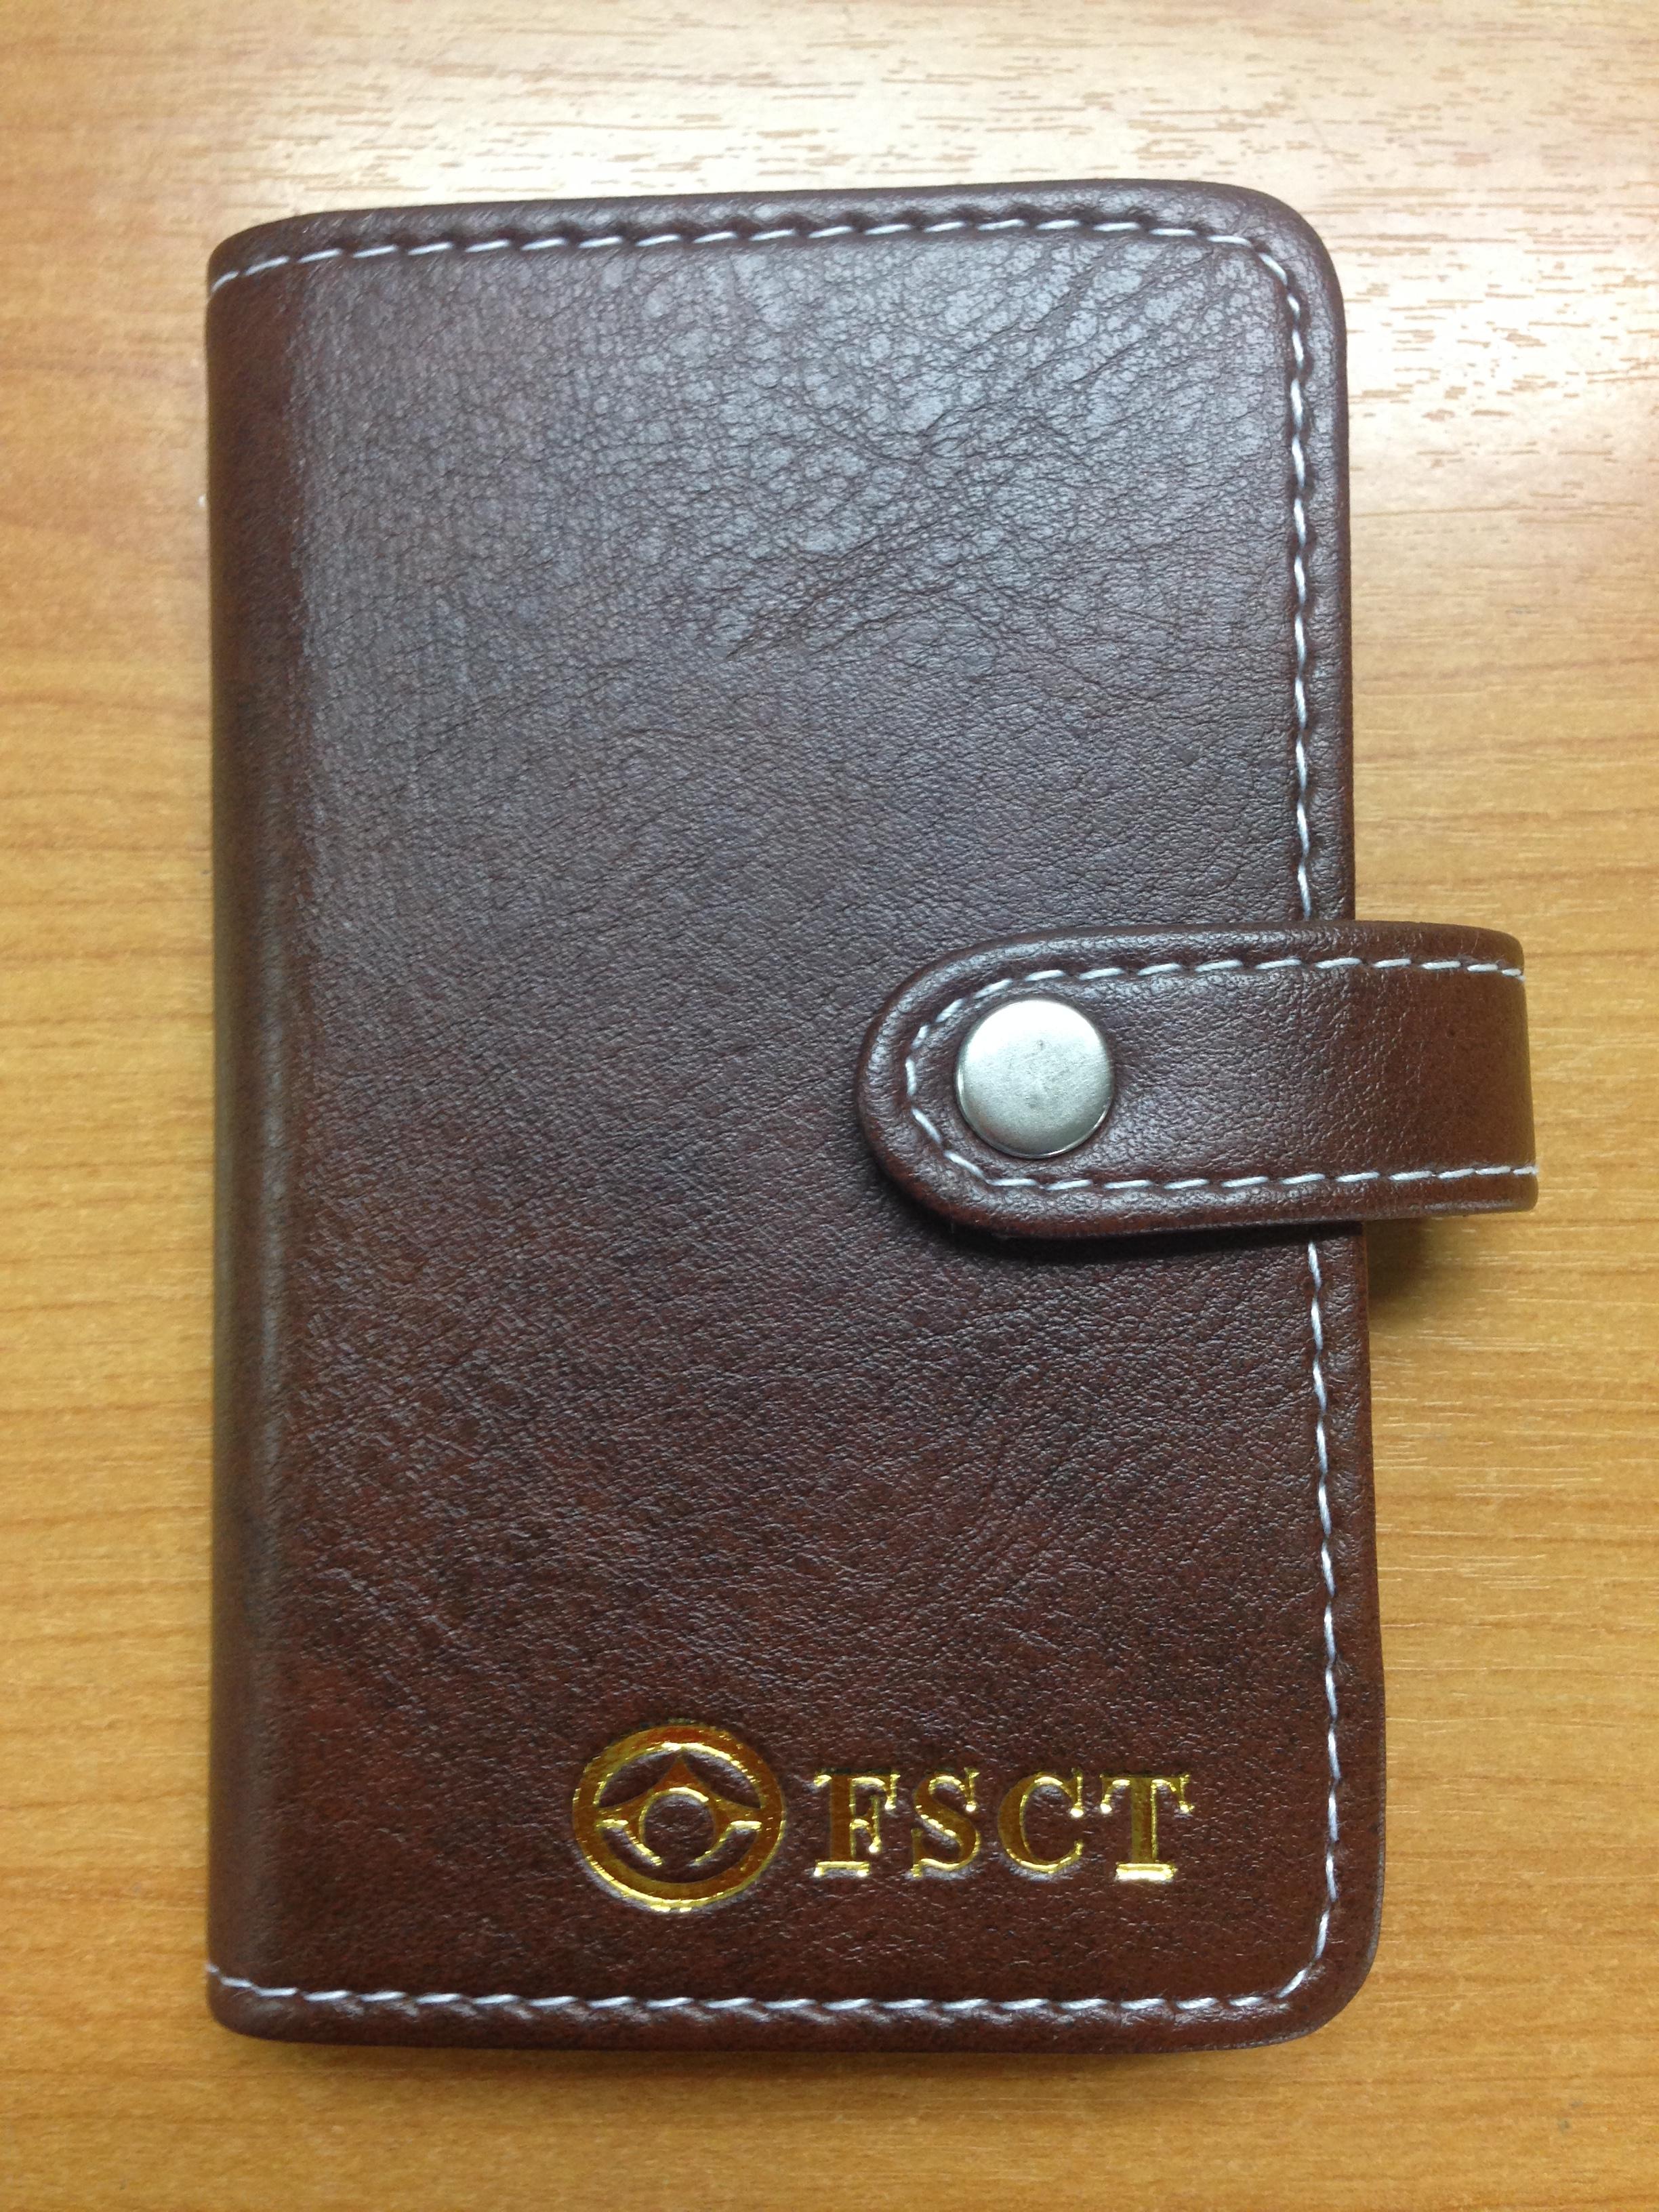 สมุดใส่นามบัตร (สีน้ำตาล)